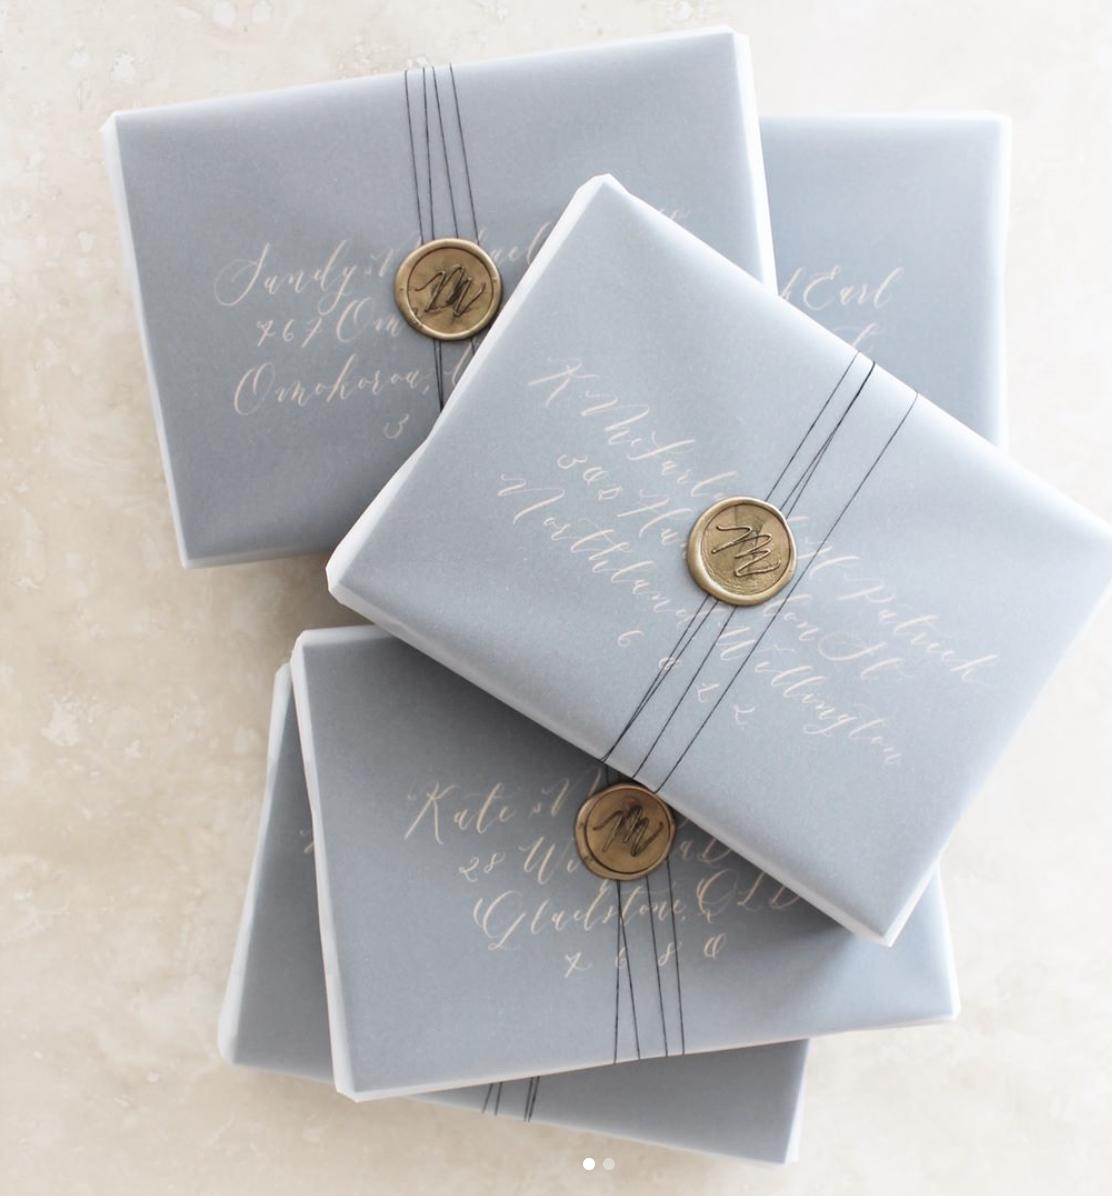 monogram wedding envelope seals sticker%0A Wedding calligraphy